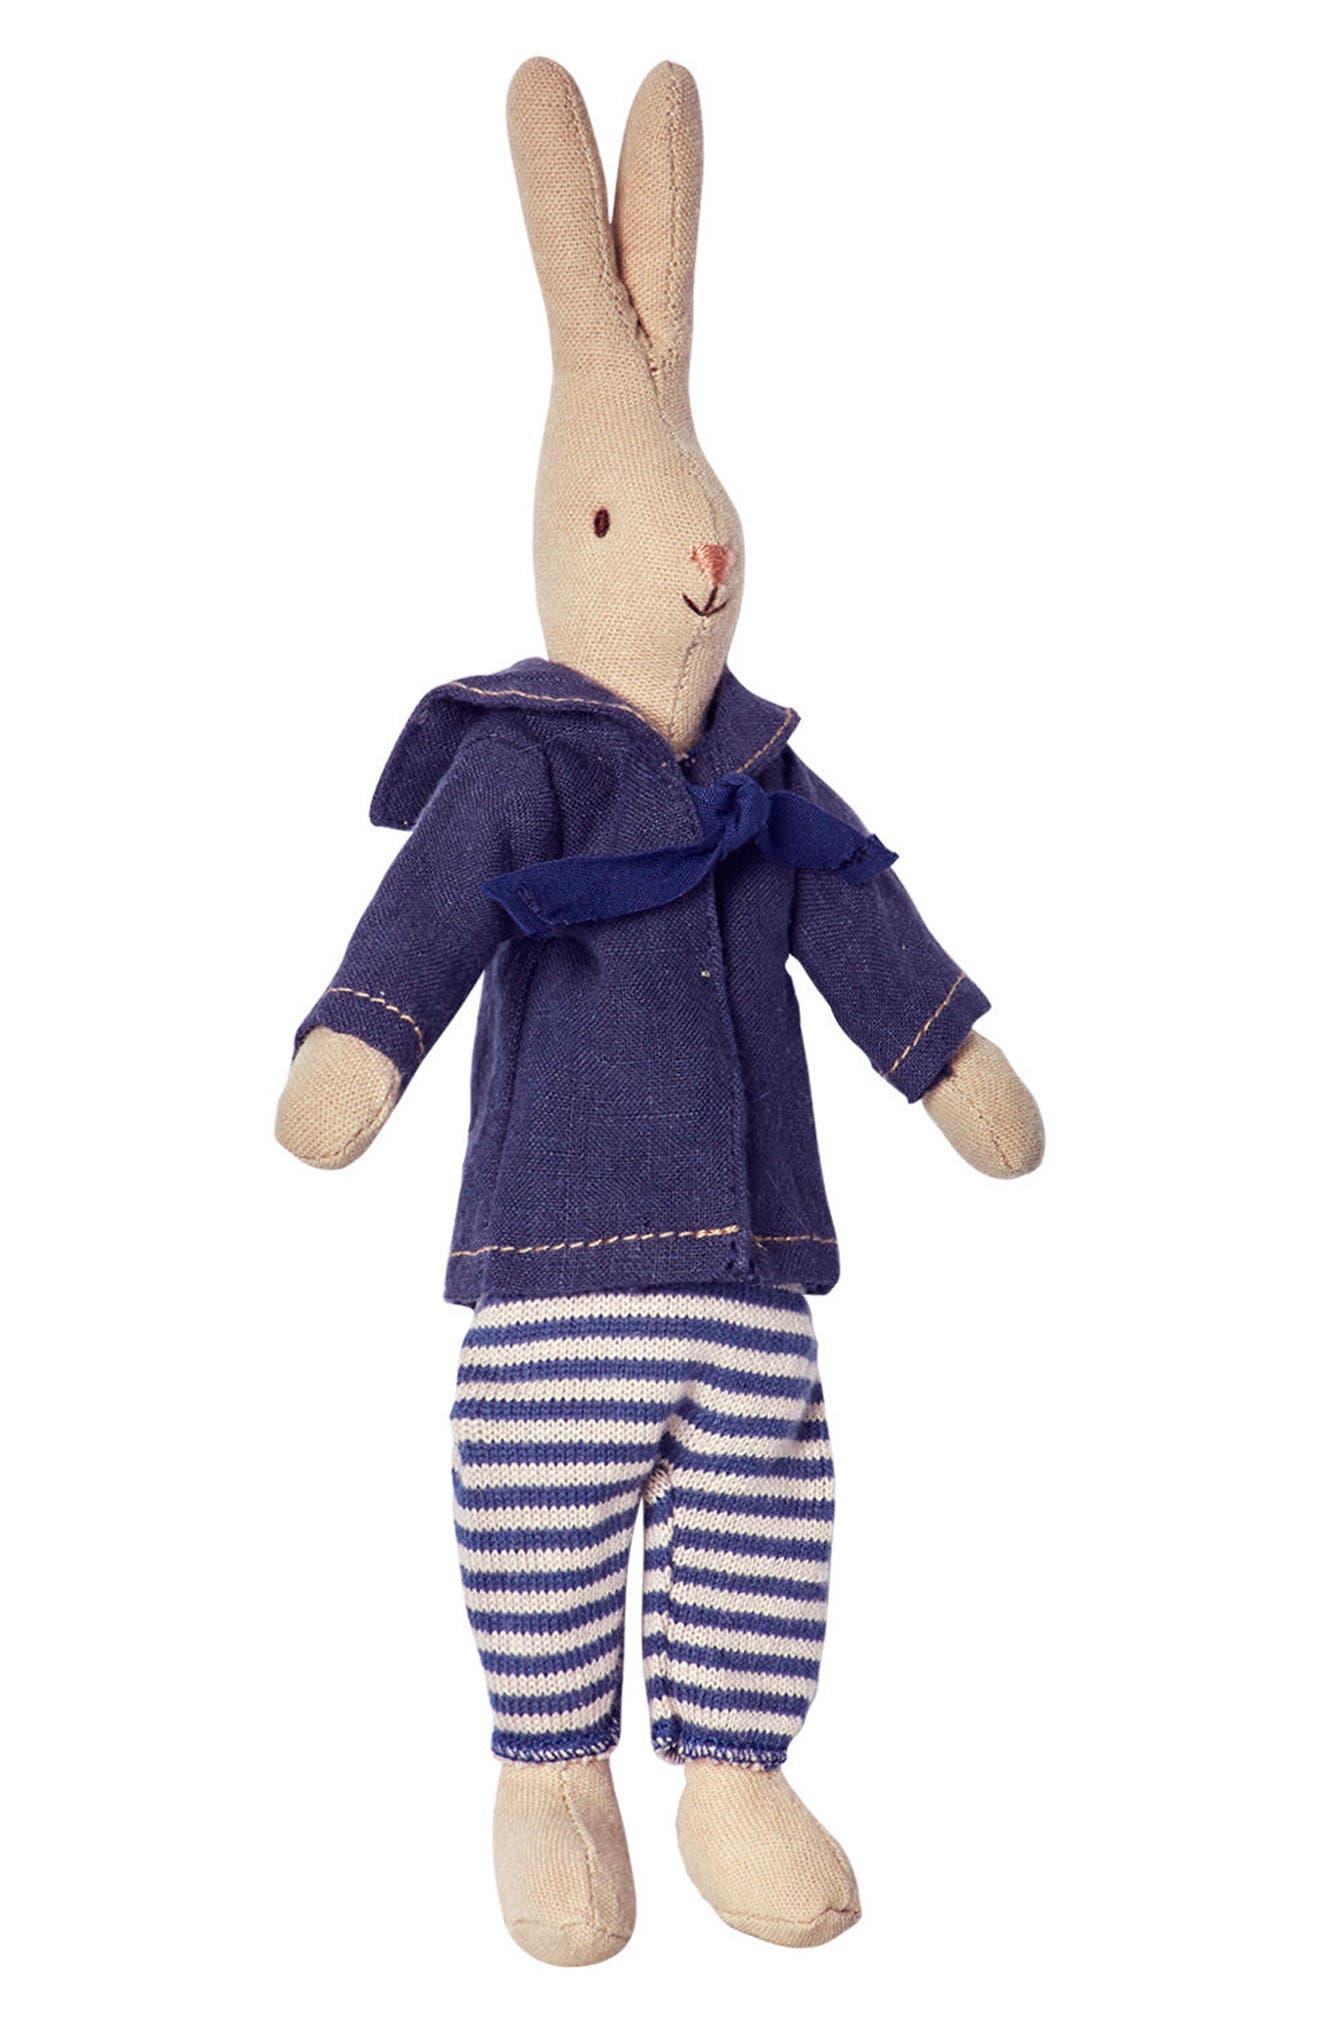 Maileg Mini Marcus Rabbit Stuffed Animal